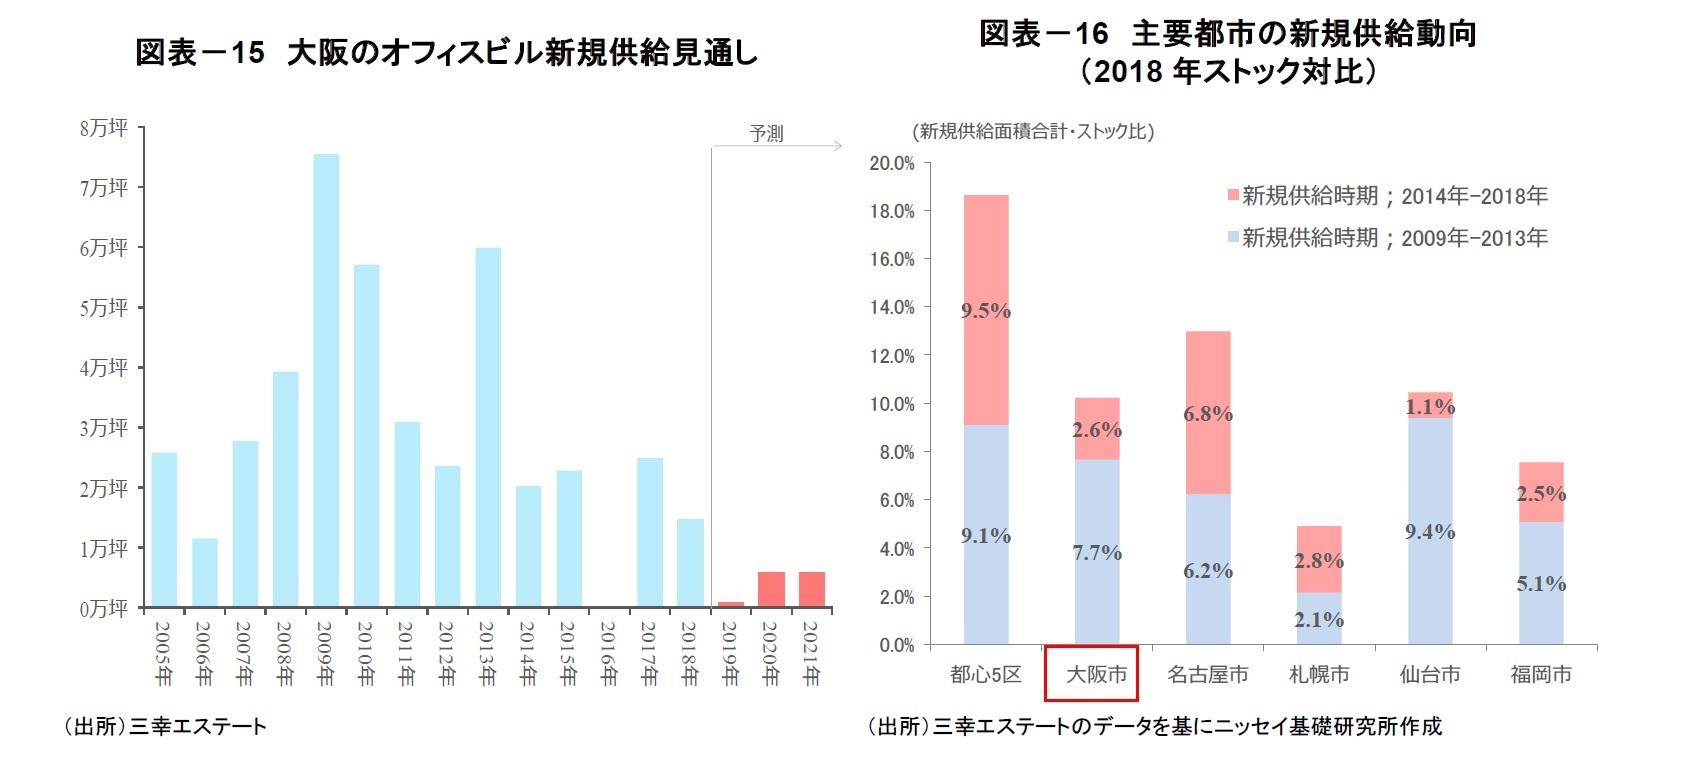 図表-15 大阪のオフィスビル新規供給見通し/図表-16 主要都市の新規供給動向(2018年ストック対比)